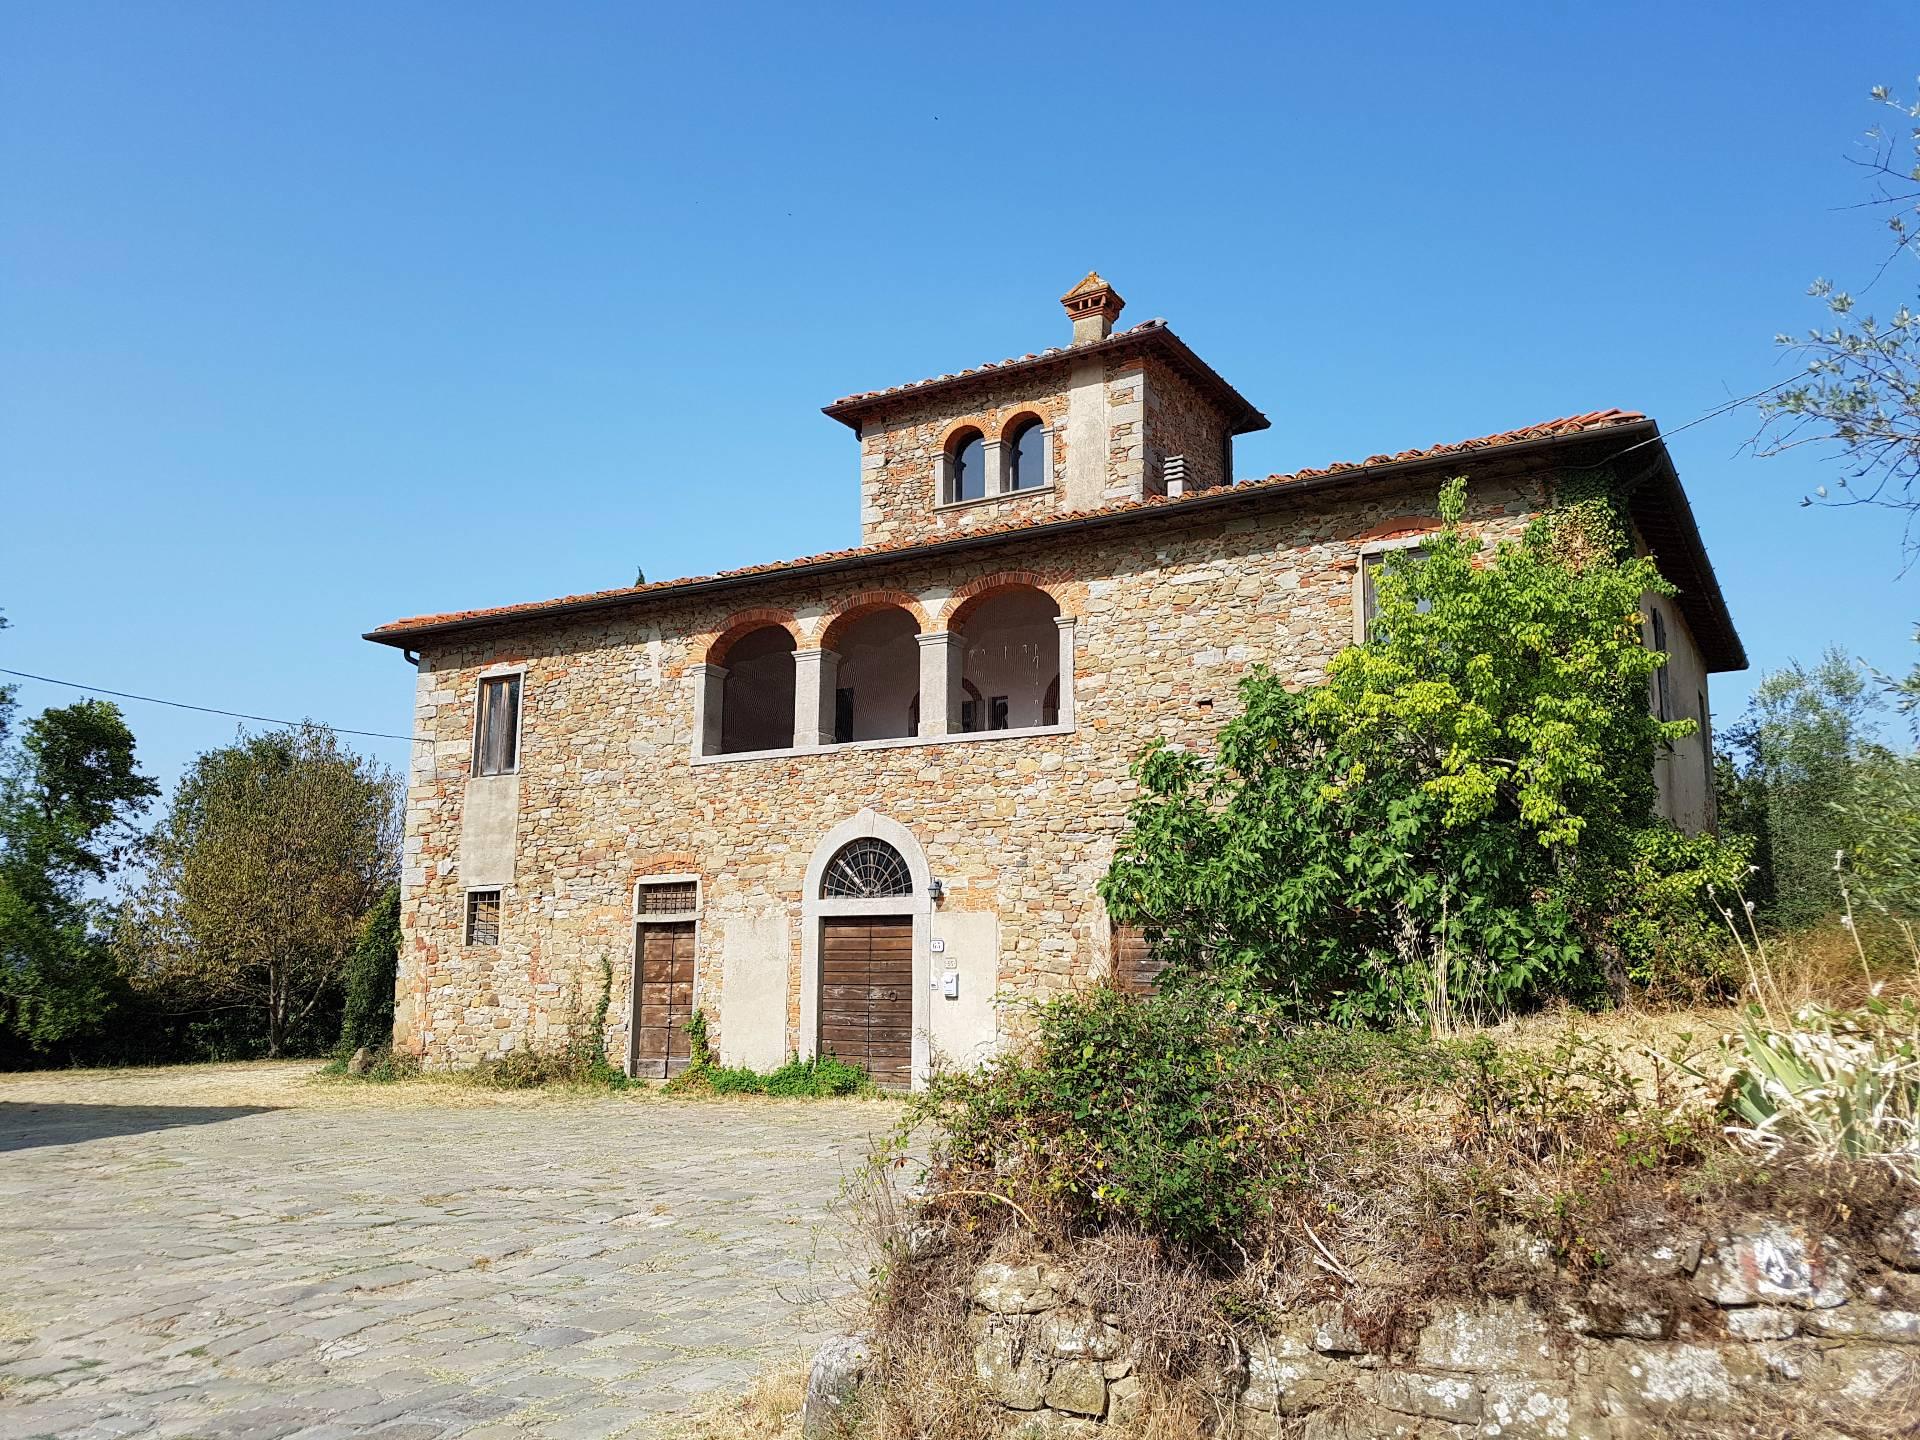 Rustico / Casale in vendita a Reggello, 19 locali, prezzo € 595.000 | CambioCasa.it